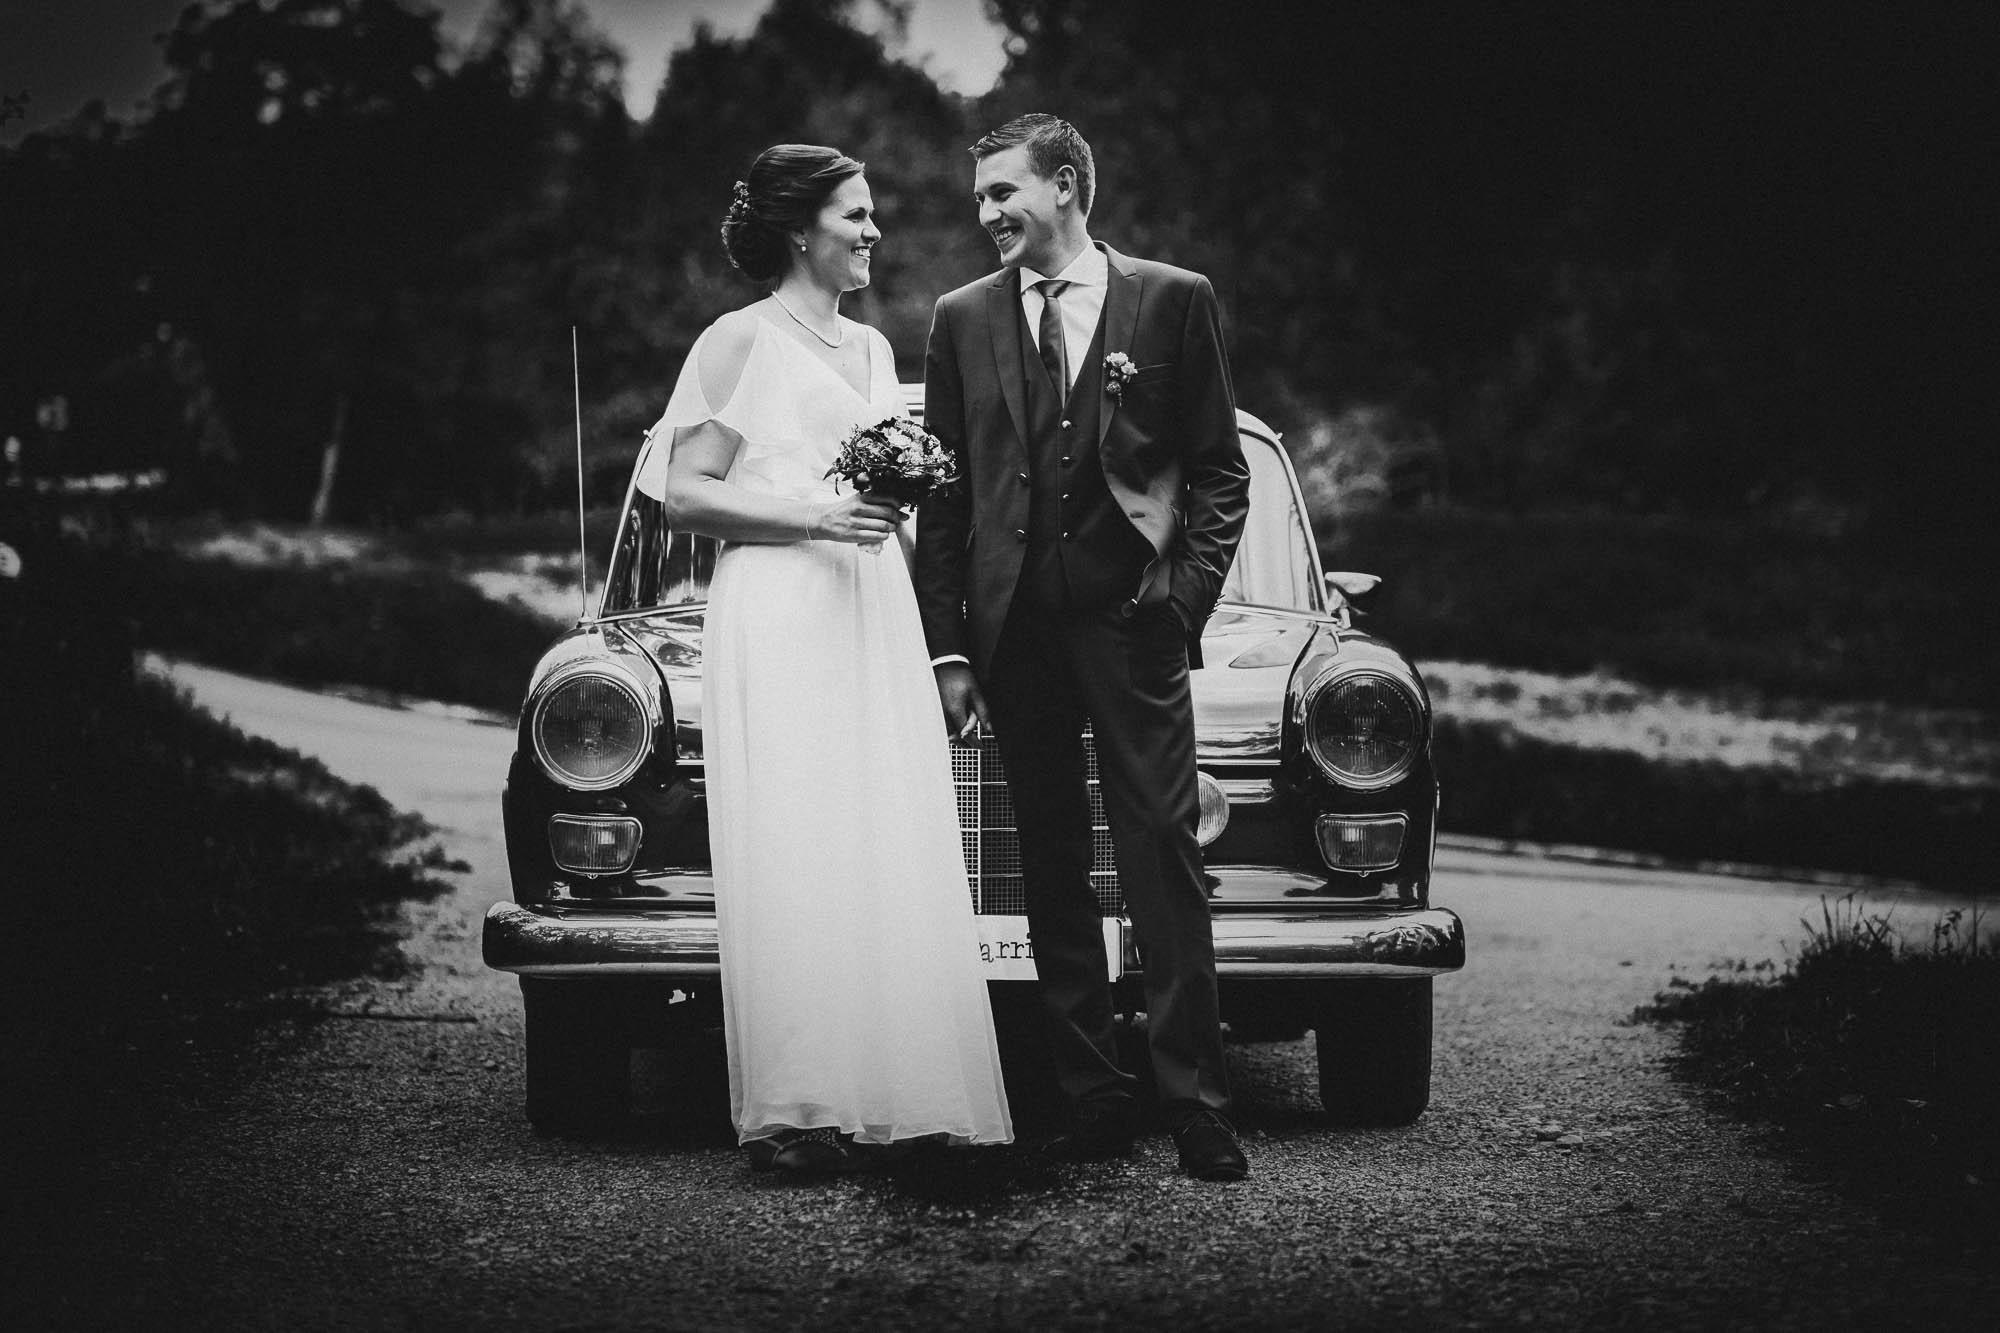 Hochzeitsreportage-Crailsheim-Krystina-Stefan-31